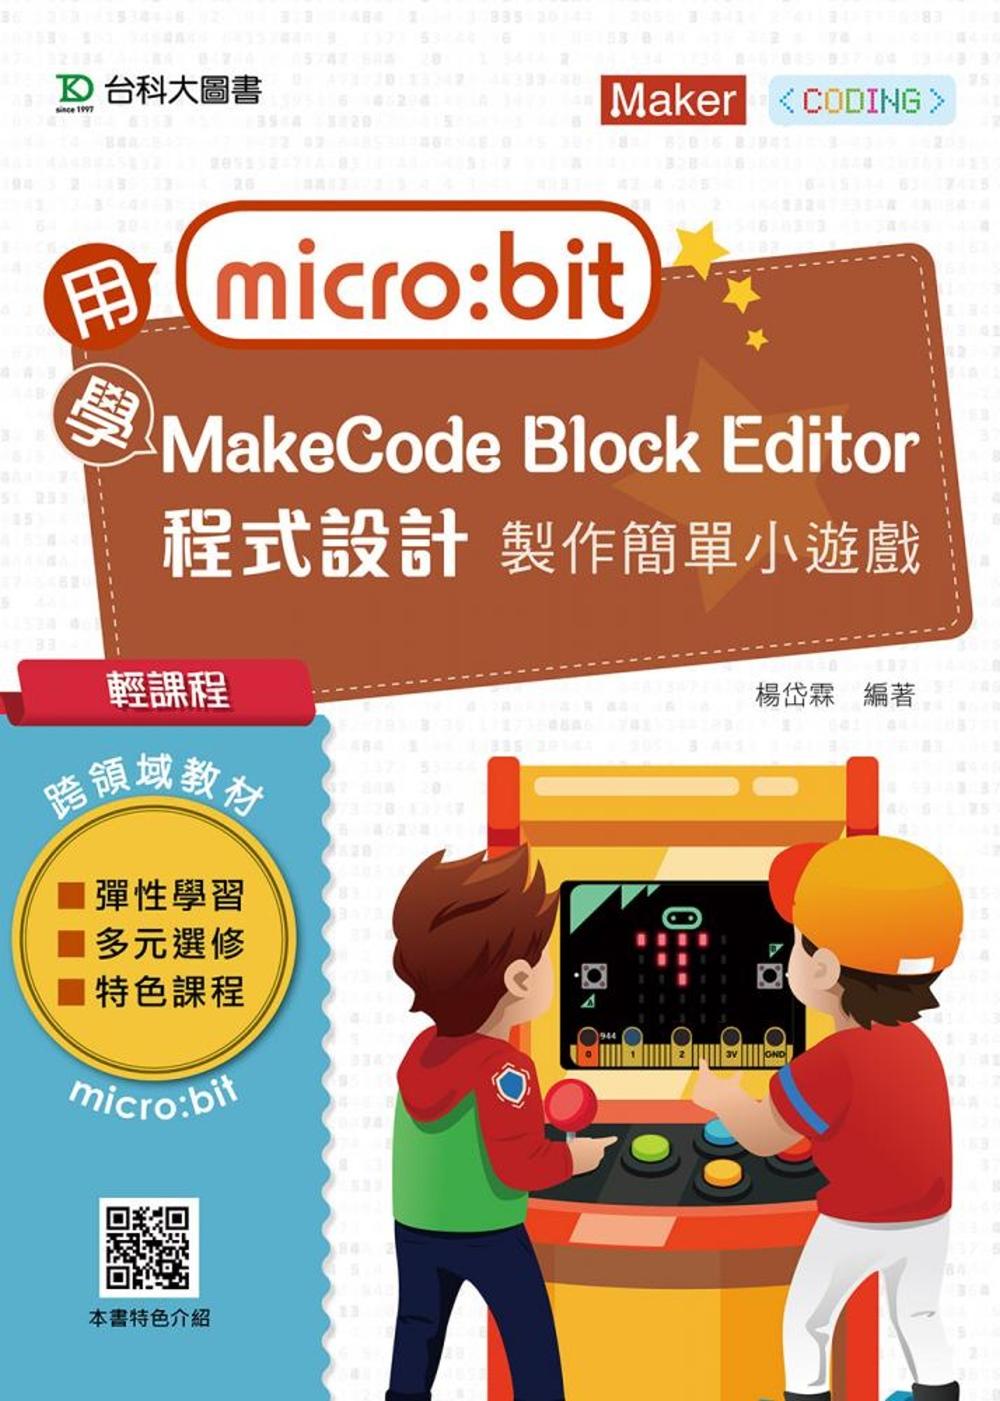 輕課程 用micro:bit 學MakeCode Block Editor 程式設計 製作簡單小遊戲